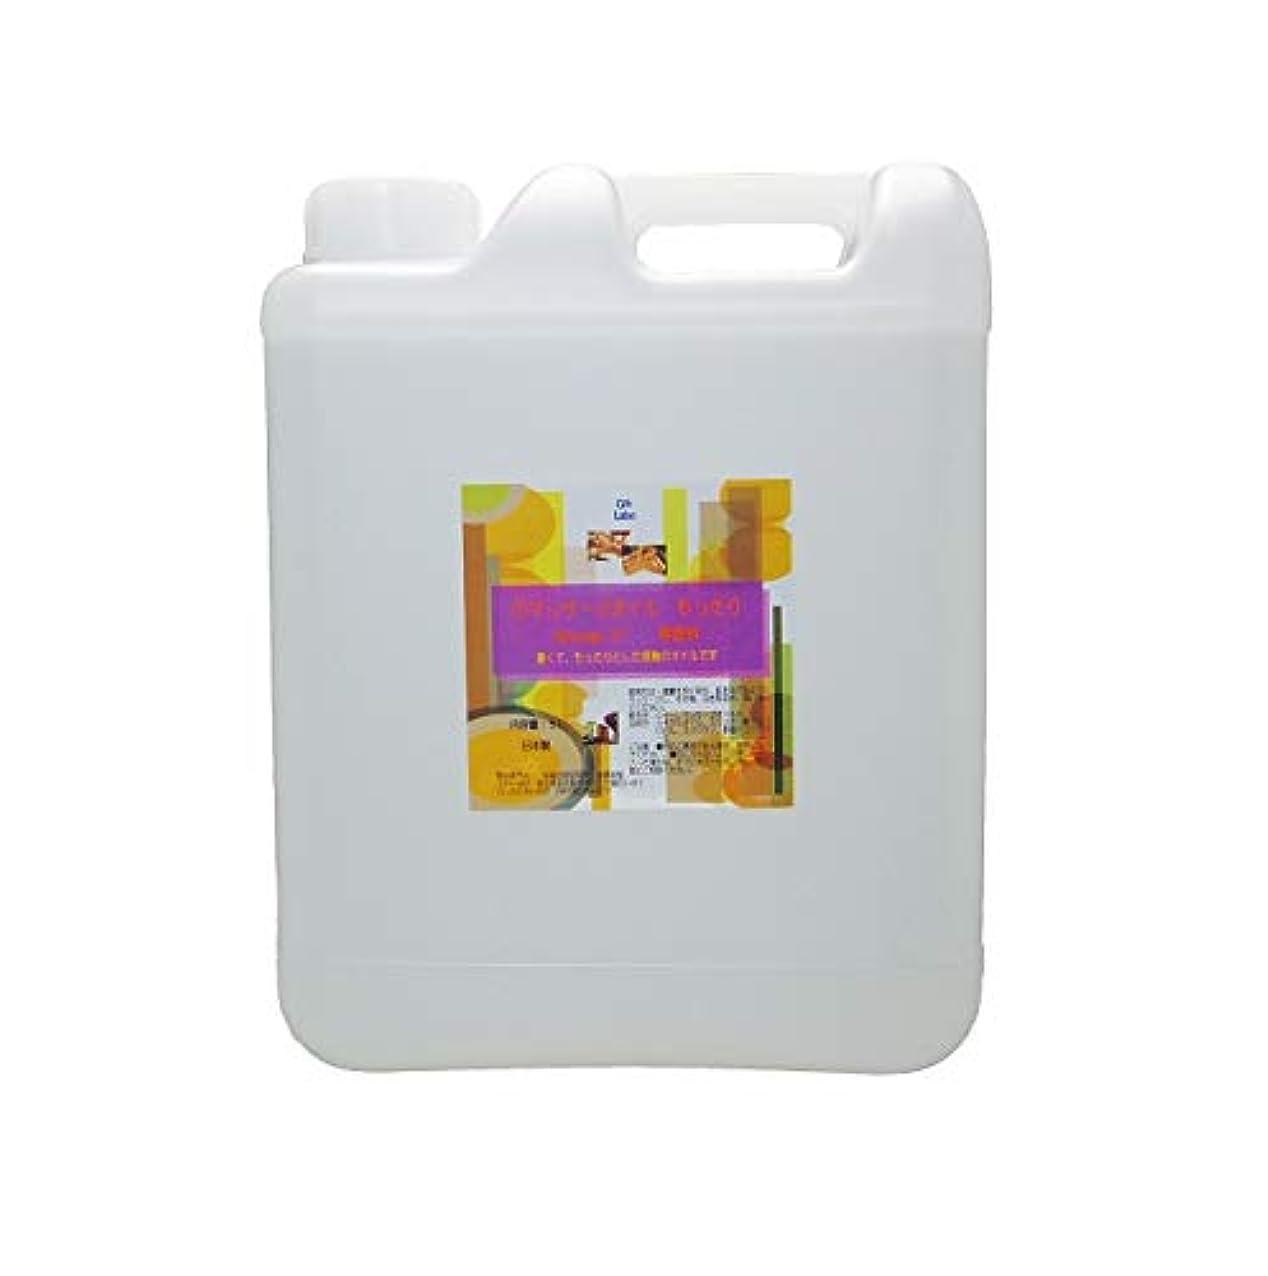 錫ラリーベルモント薬用GH-Labo マッサージオイル もったりタイプ 5L